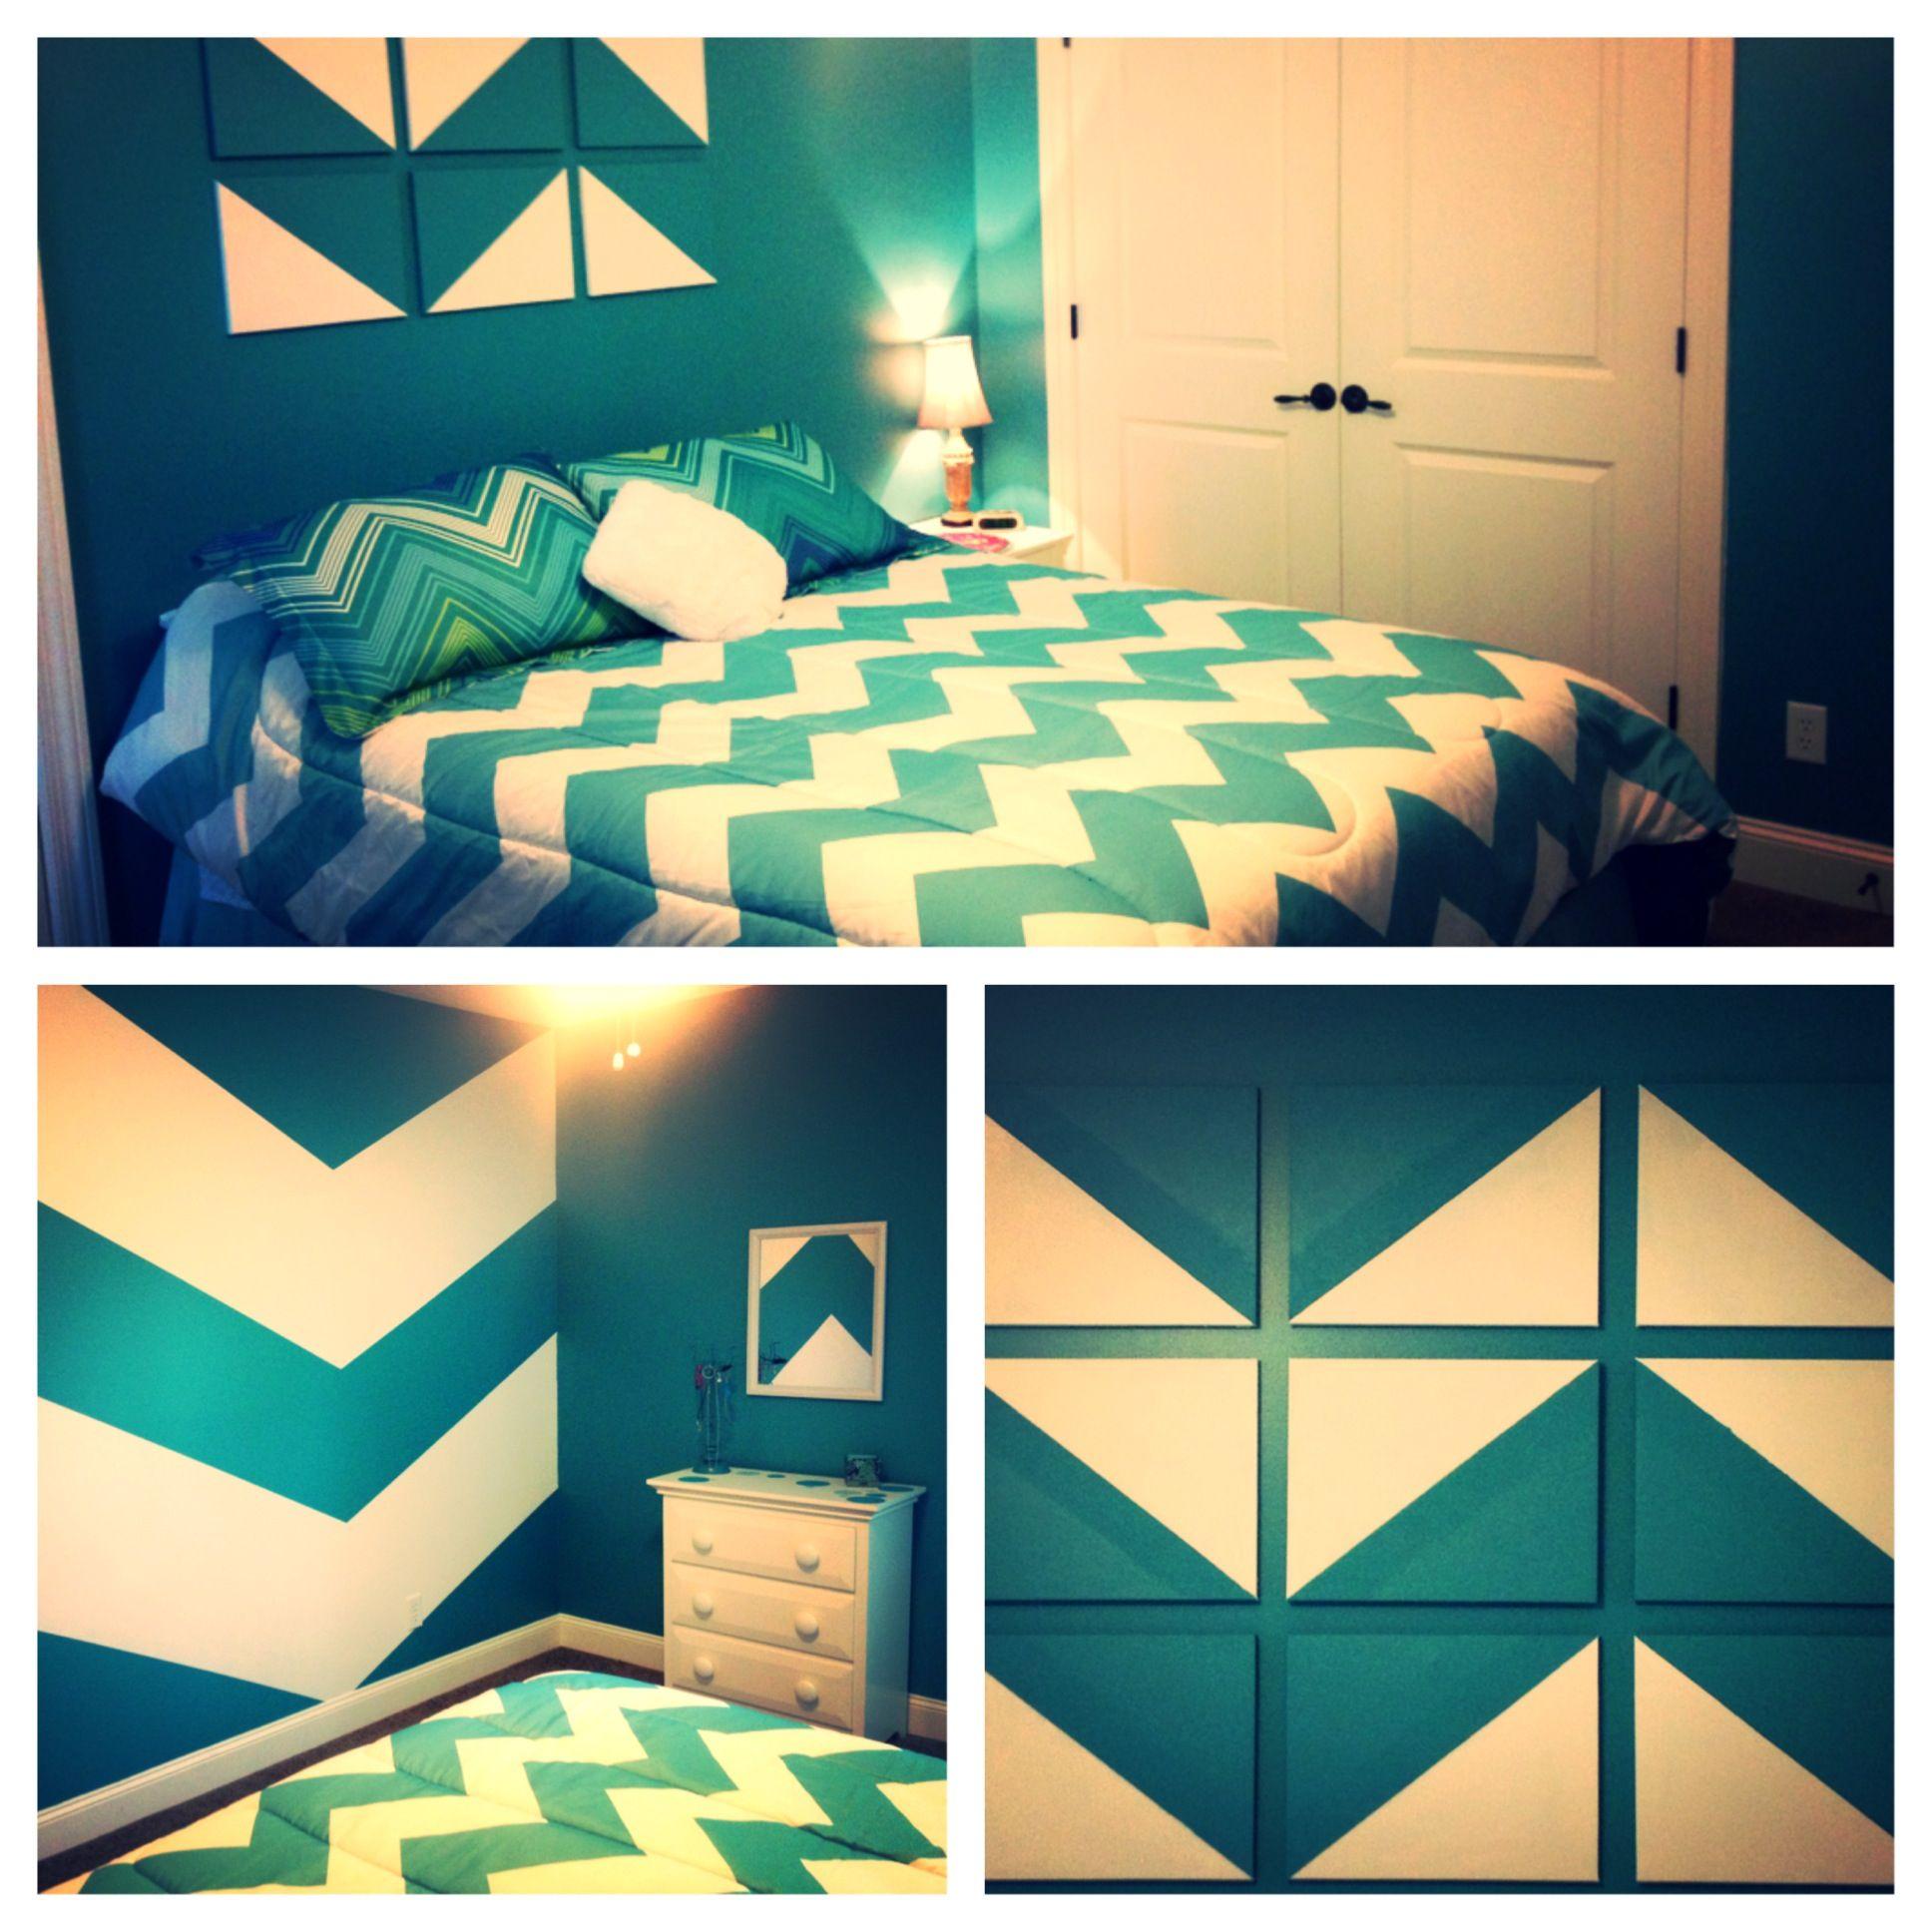 chevron teenage bedroom room ideas pinterest bedrooms room and room ideas. Black Bedroom Furniture Sets. Home Design Ideas